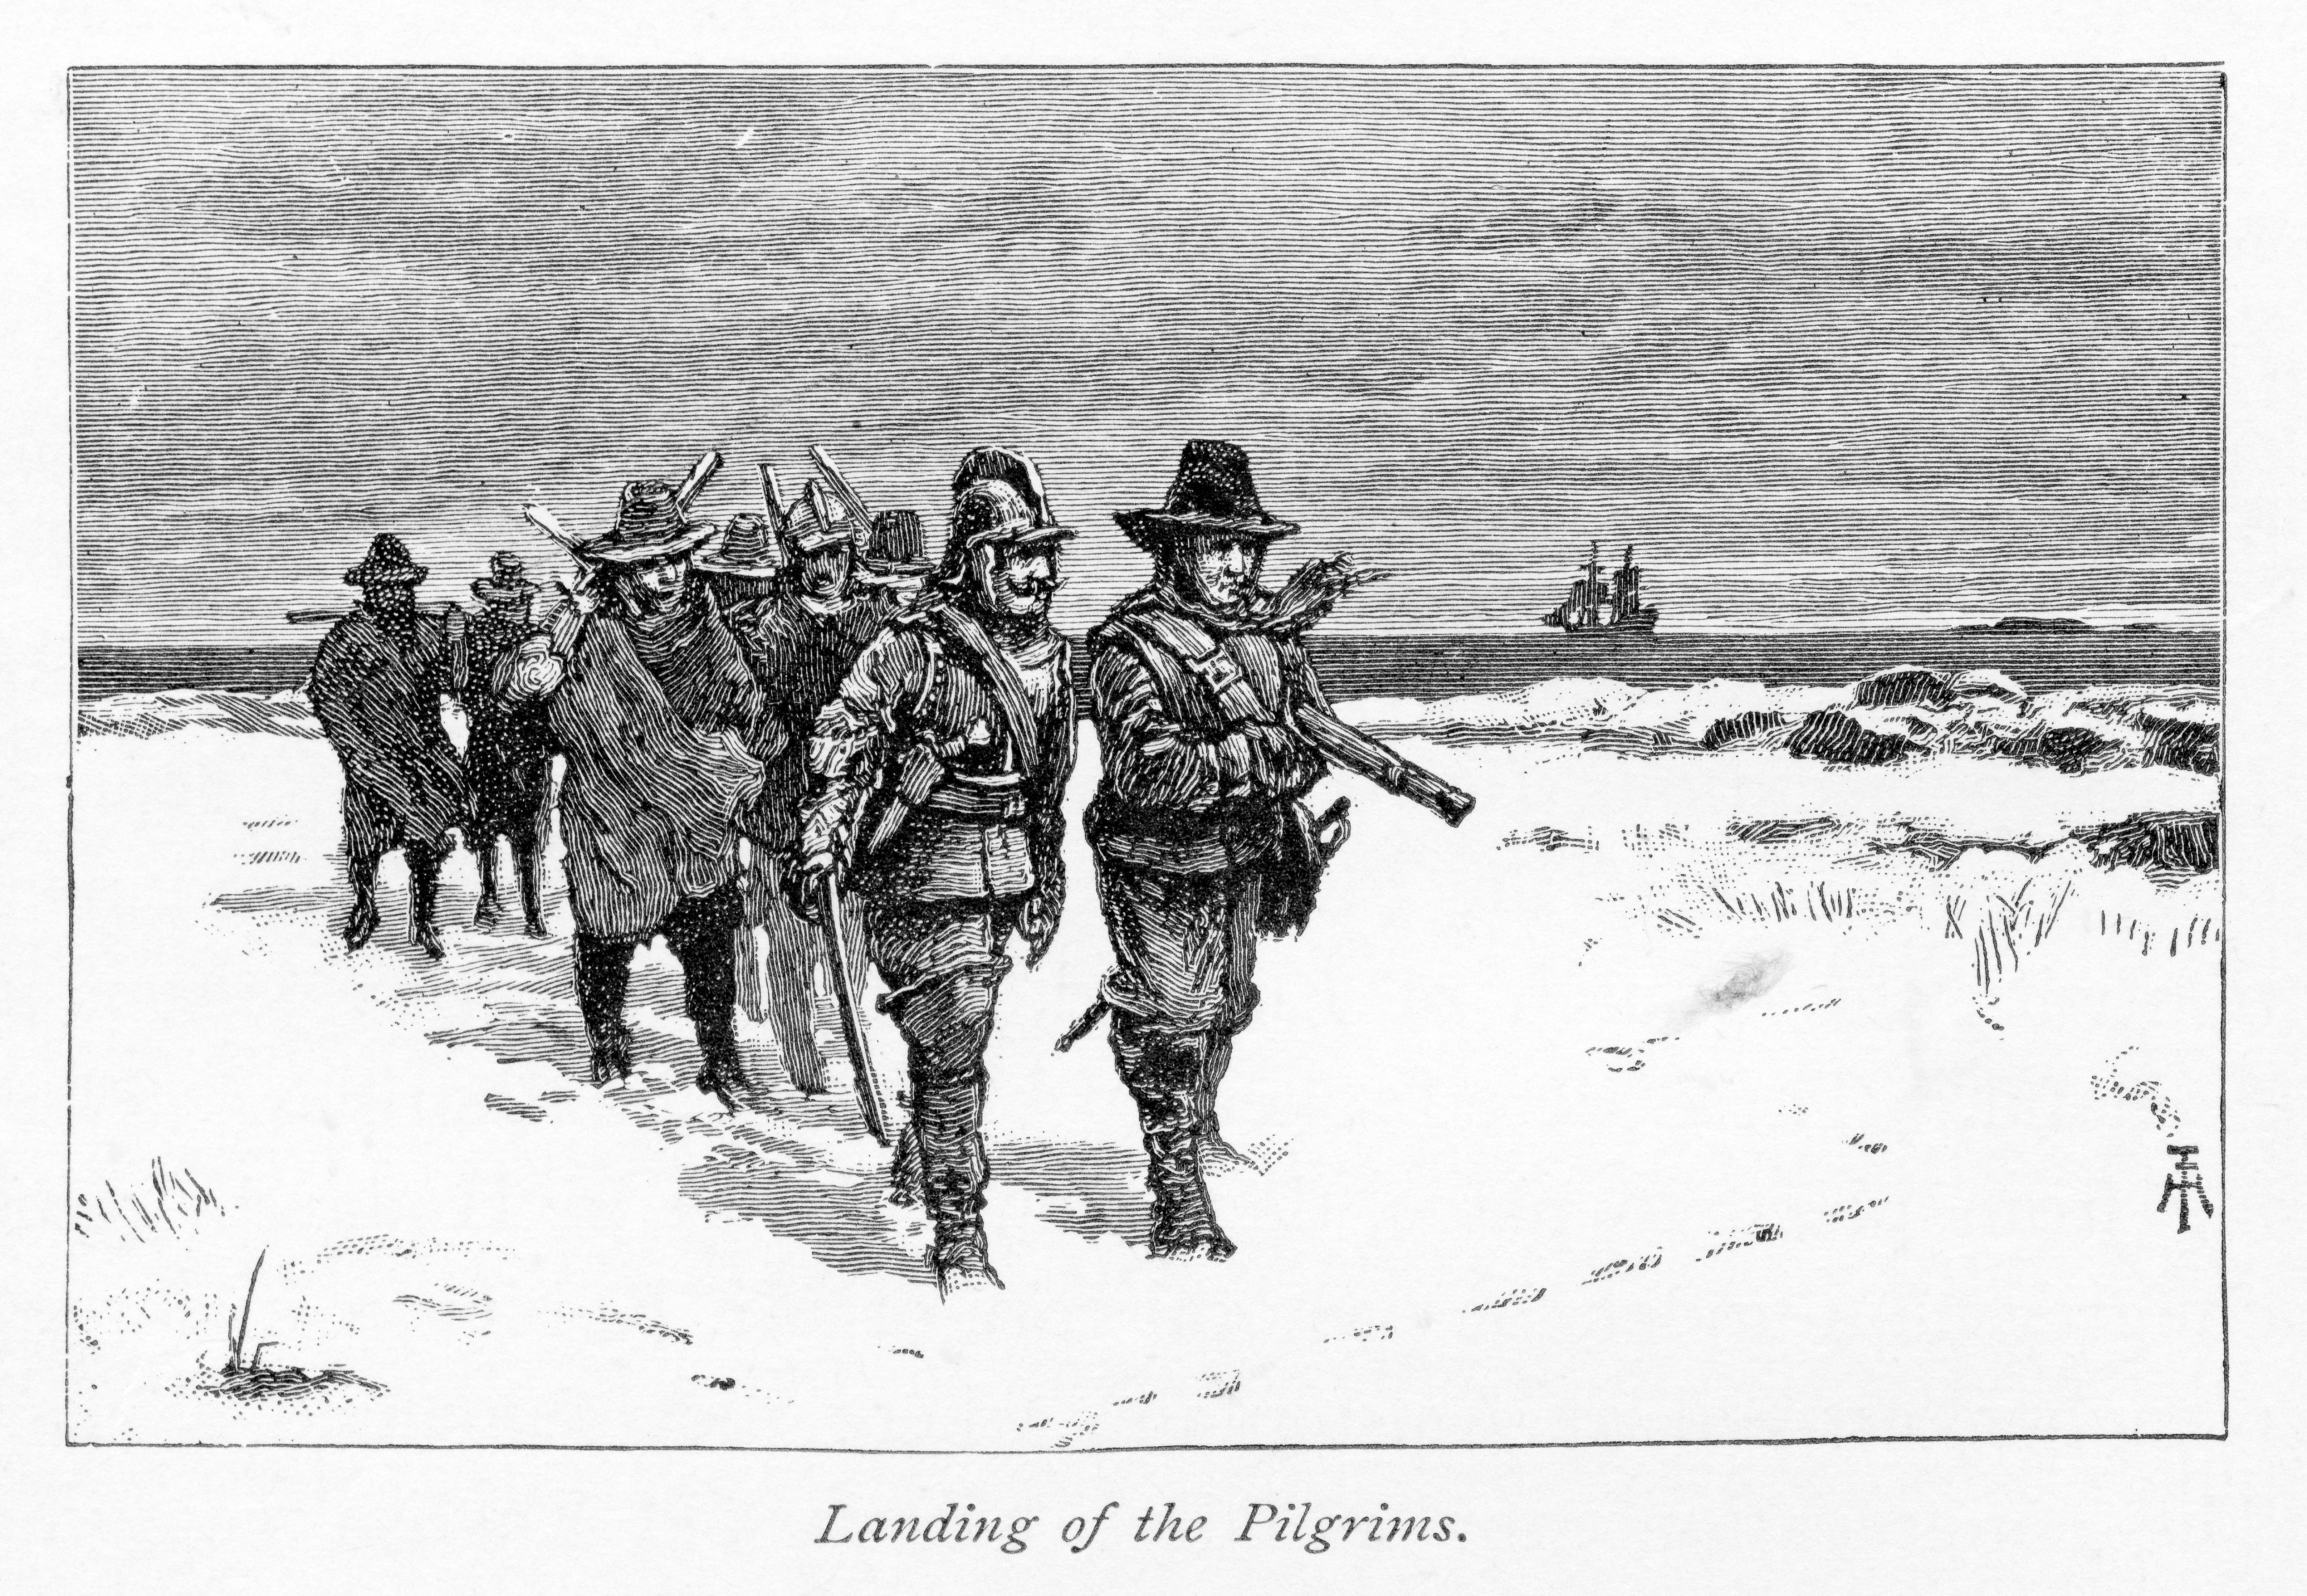 Ilustración que interpreta la llegada de los primeros colonos al descender del barco inglés Mayflower,...